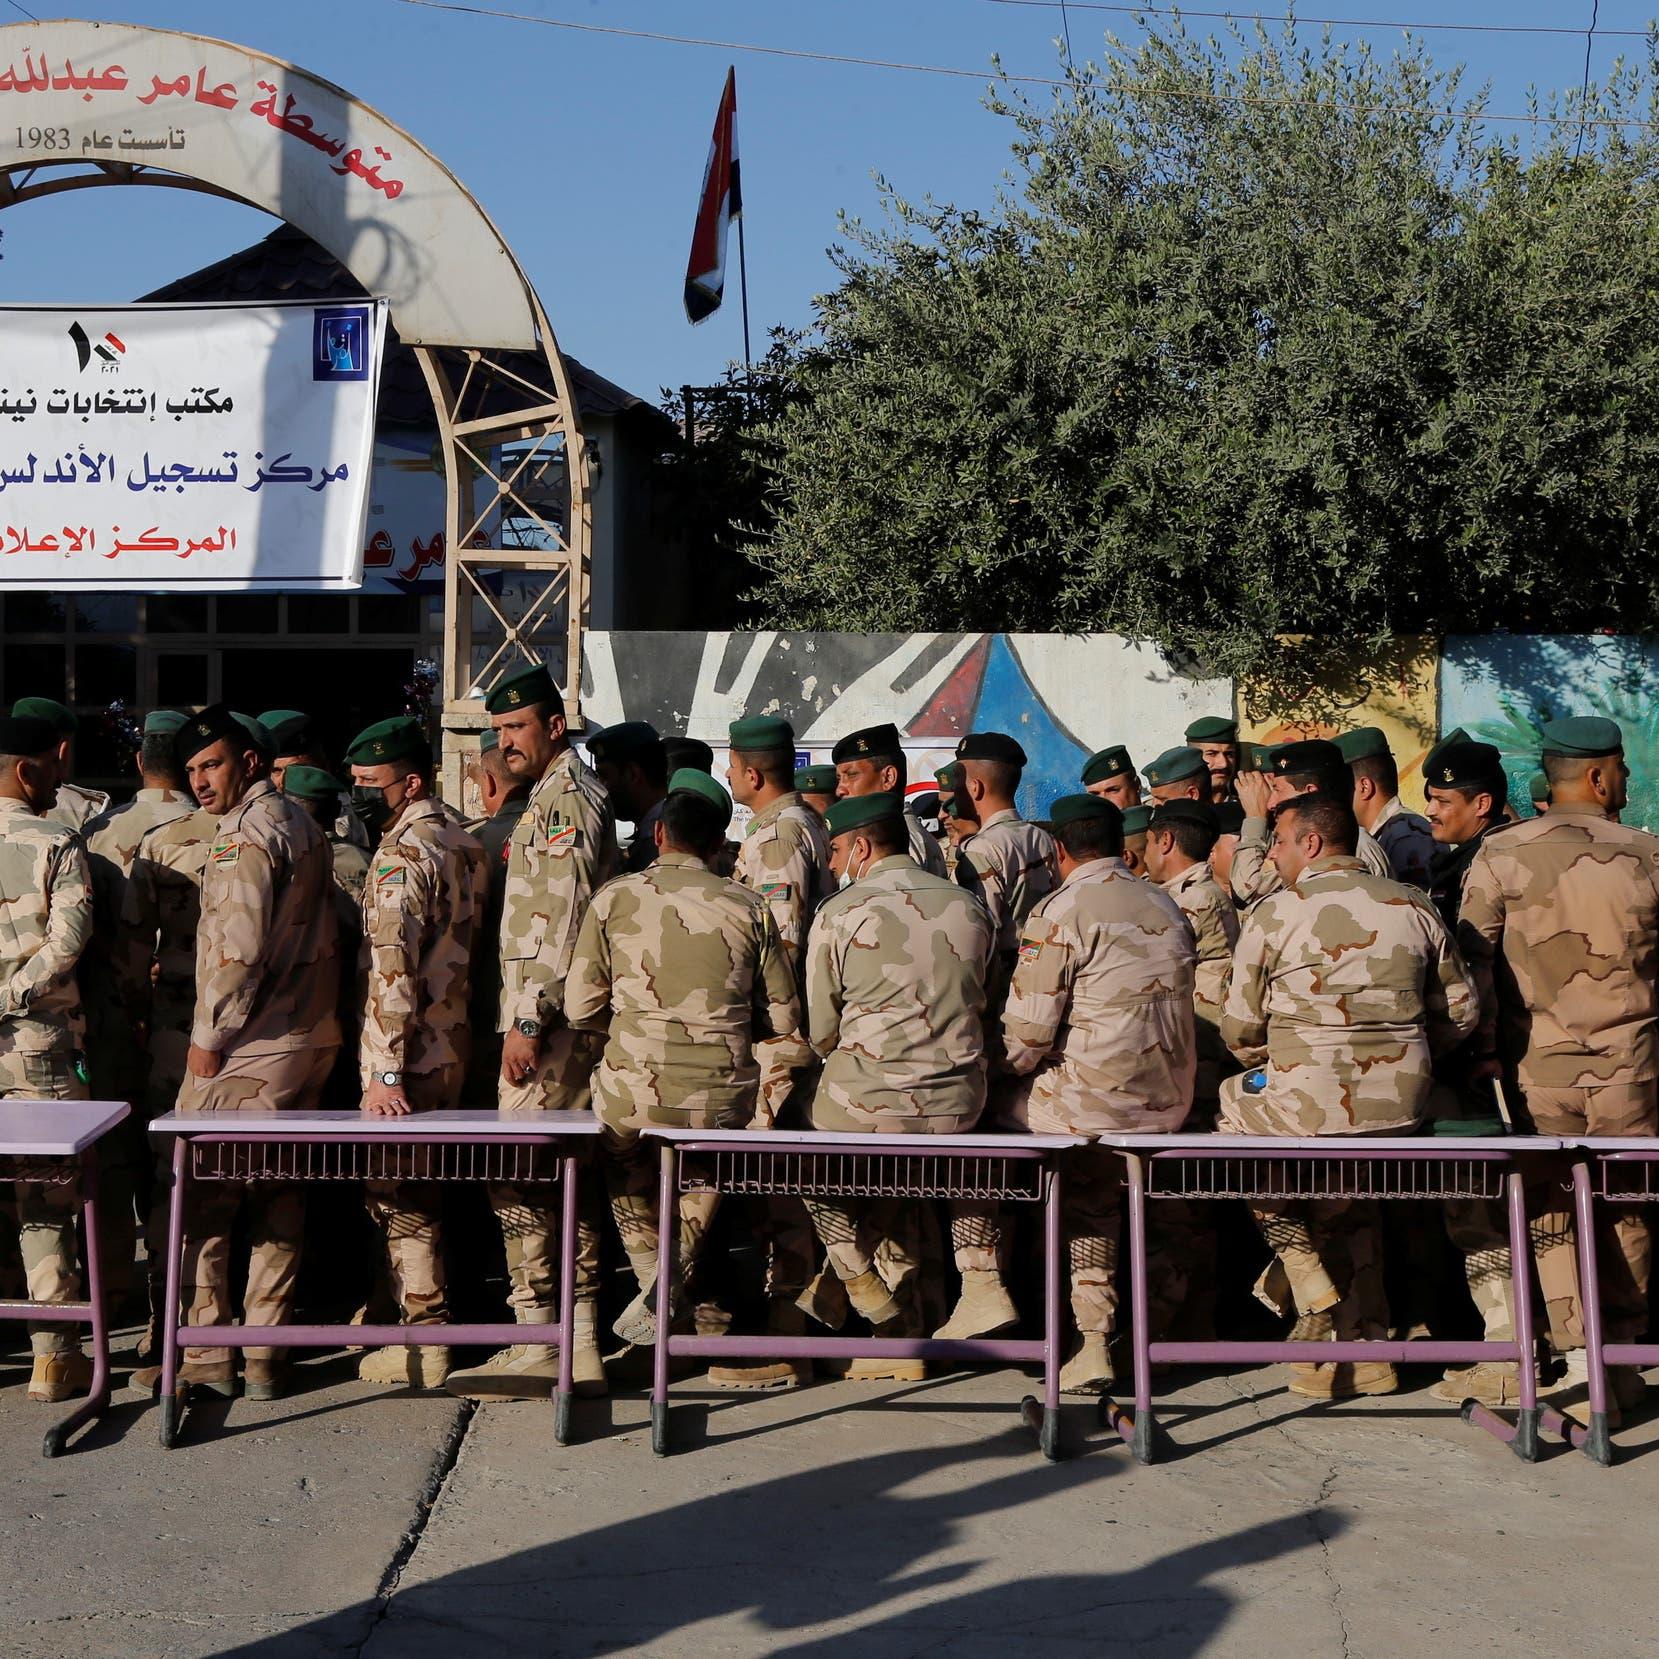 انتخابات العراق.. 69 % شاركوا في التصويت الخاص ولا خروقات أمنية